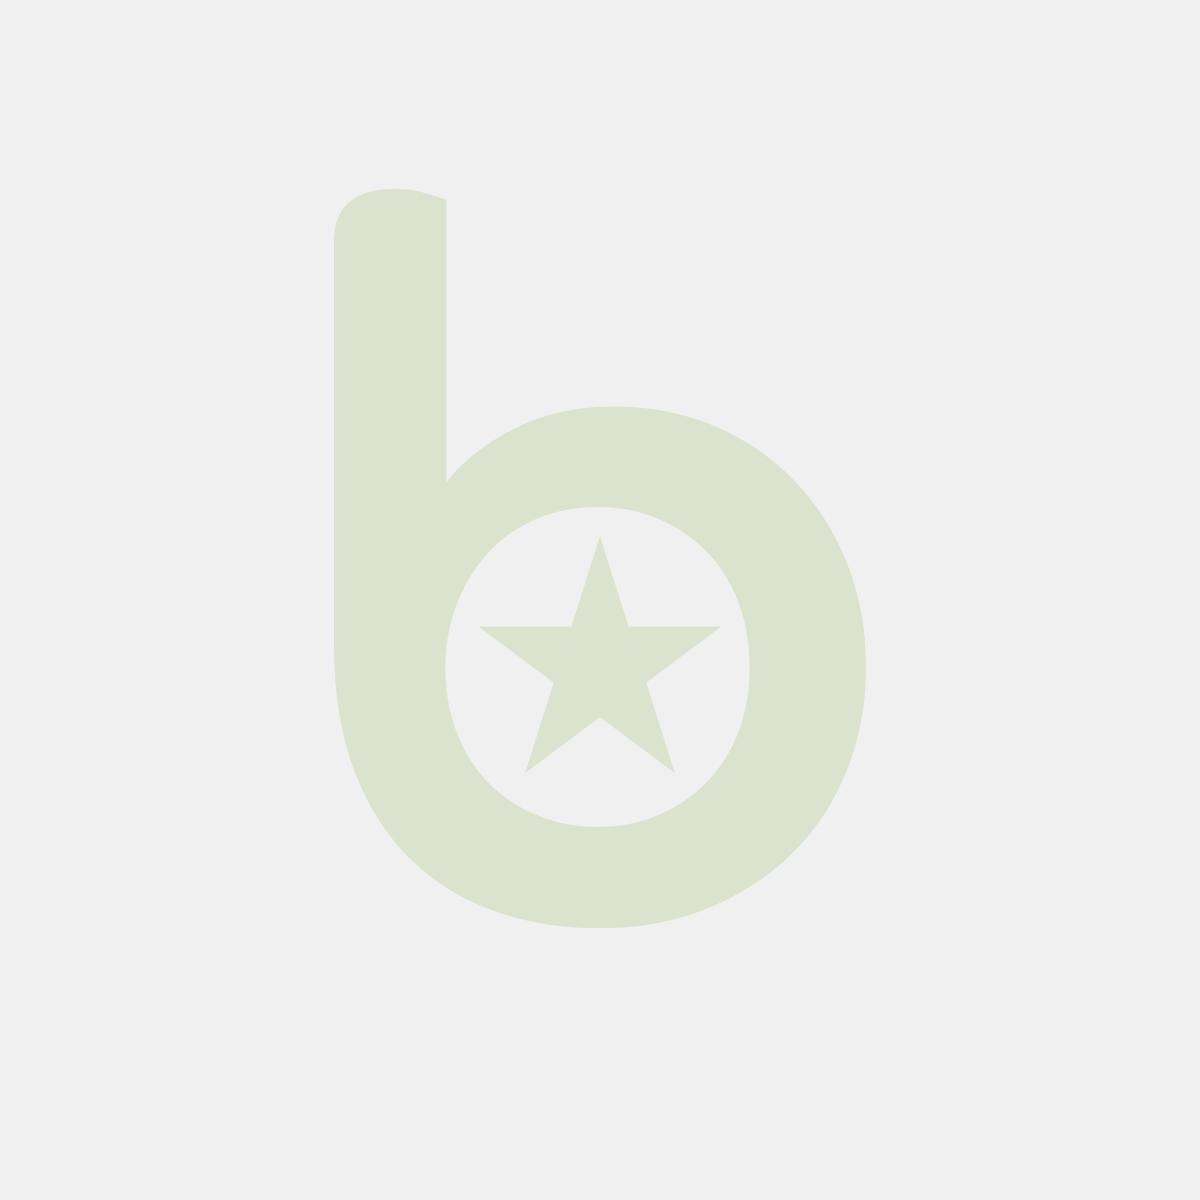 PIEC KONWEKCYJNO-PAROWY KOMPAKTOWY TOUCH CONTROL 6x GN 1/1, ELEKTRYCZNY